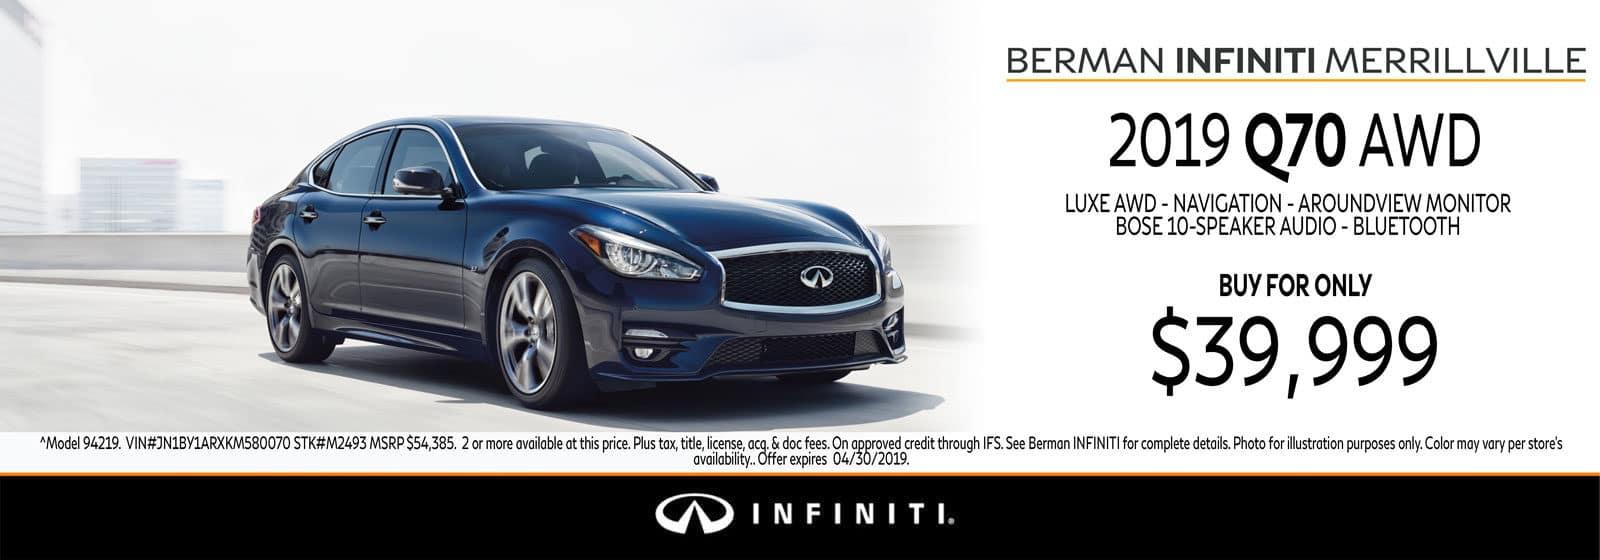 New 2019 INFINITI Q70 April Offer at Berman INFINITI of Merrillville!